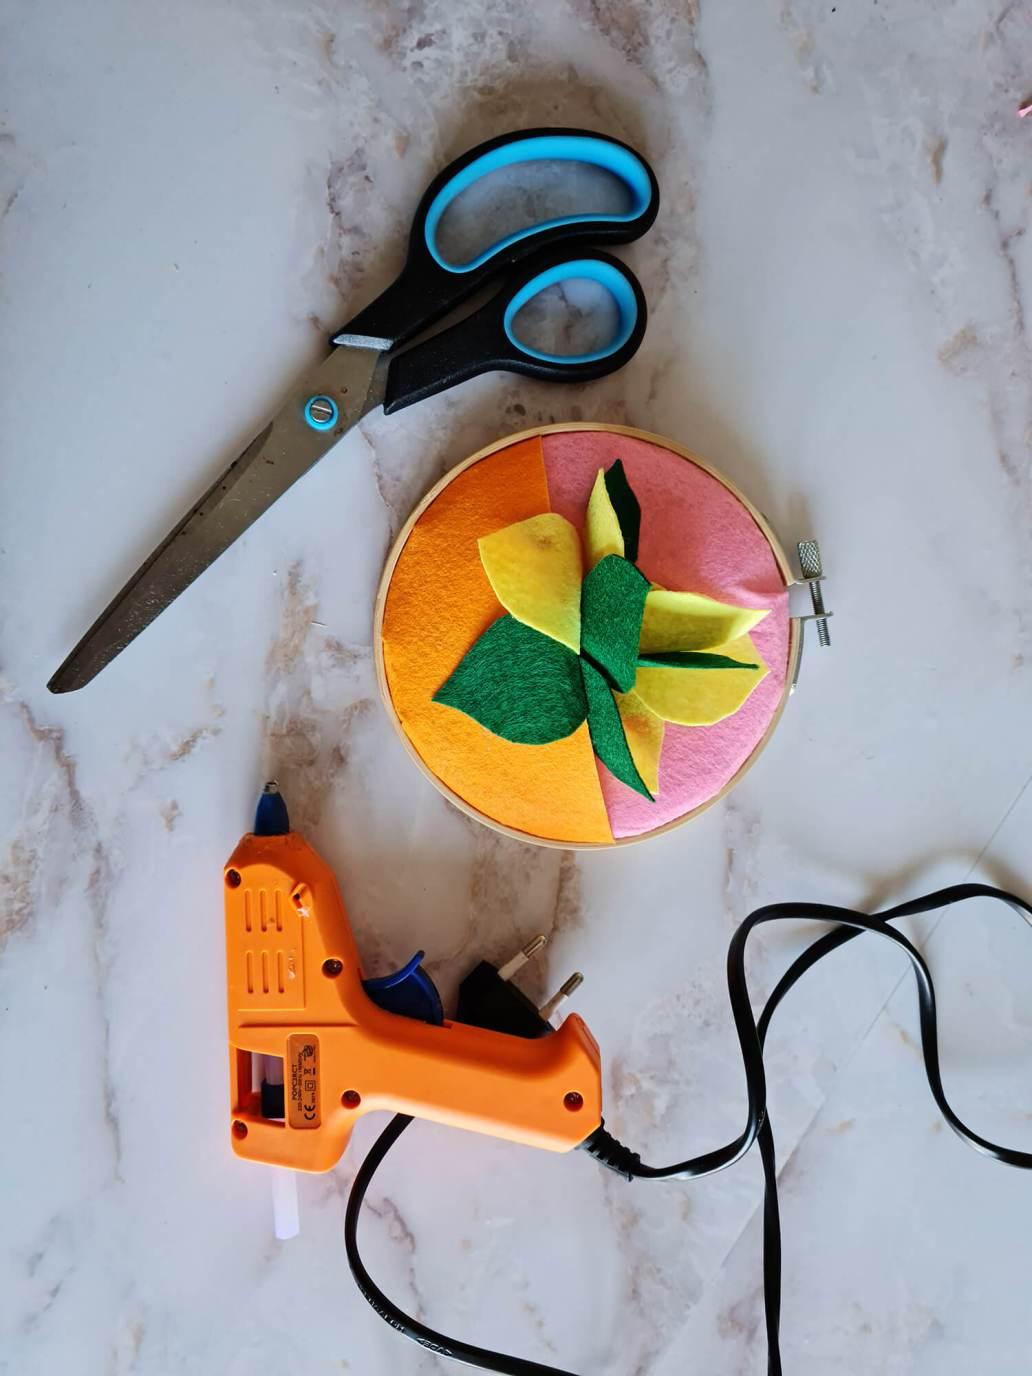 20210402 135218 - Fabriquer une petite décoration en feutre pour orner les murs de couleurs